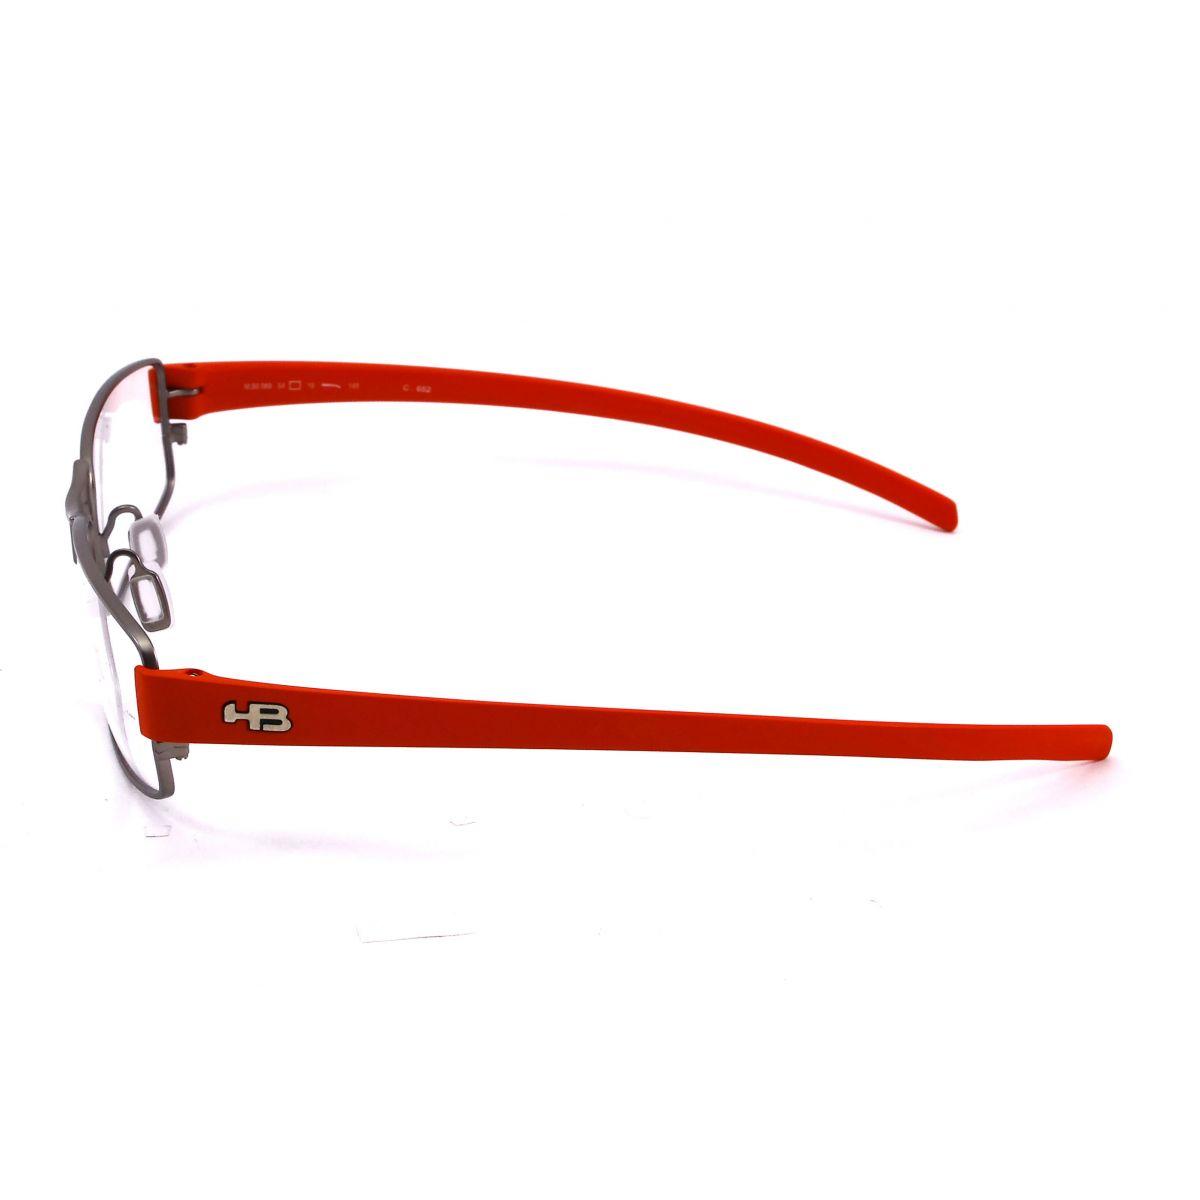 61a25ae5e Óculos de Grau Masculino HB M9306965233 Tam.54HBHBCompra segura, produto  original com nota fiscal e garantia de fábrica, rapidez na entrega.